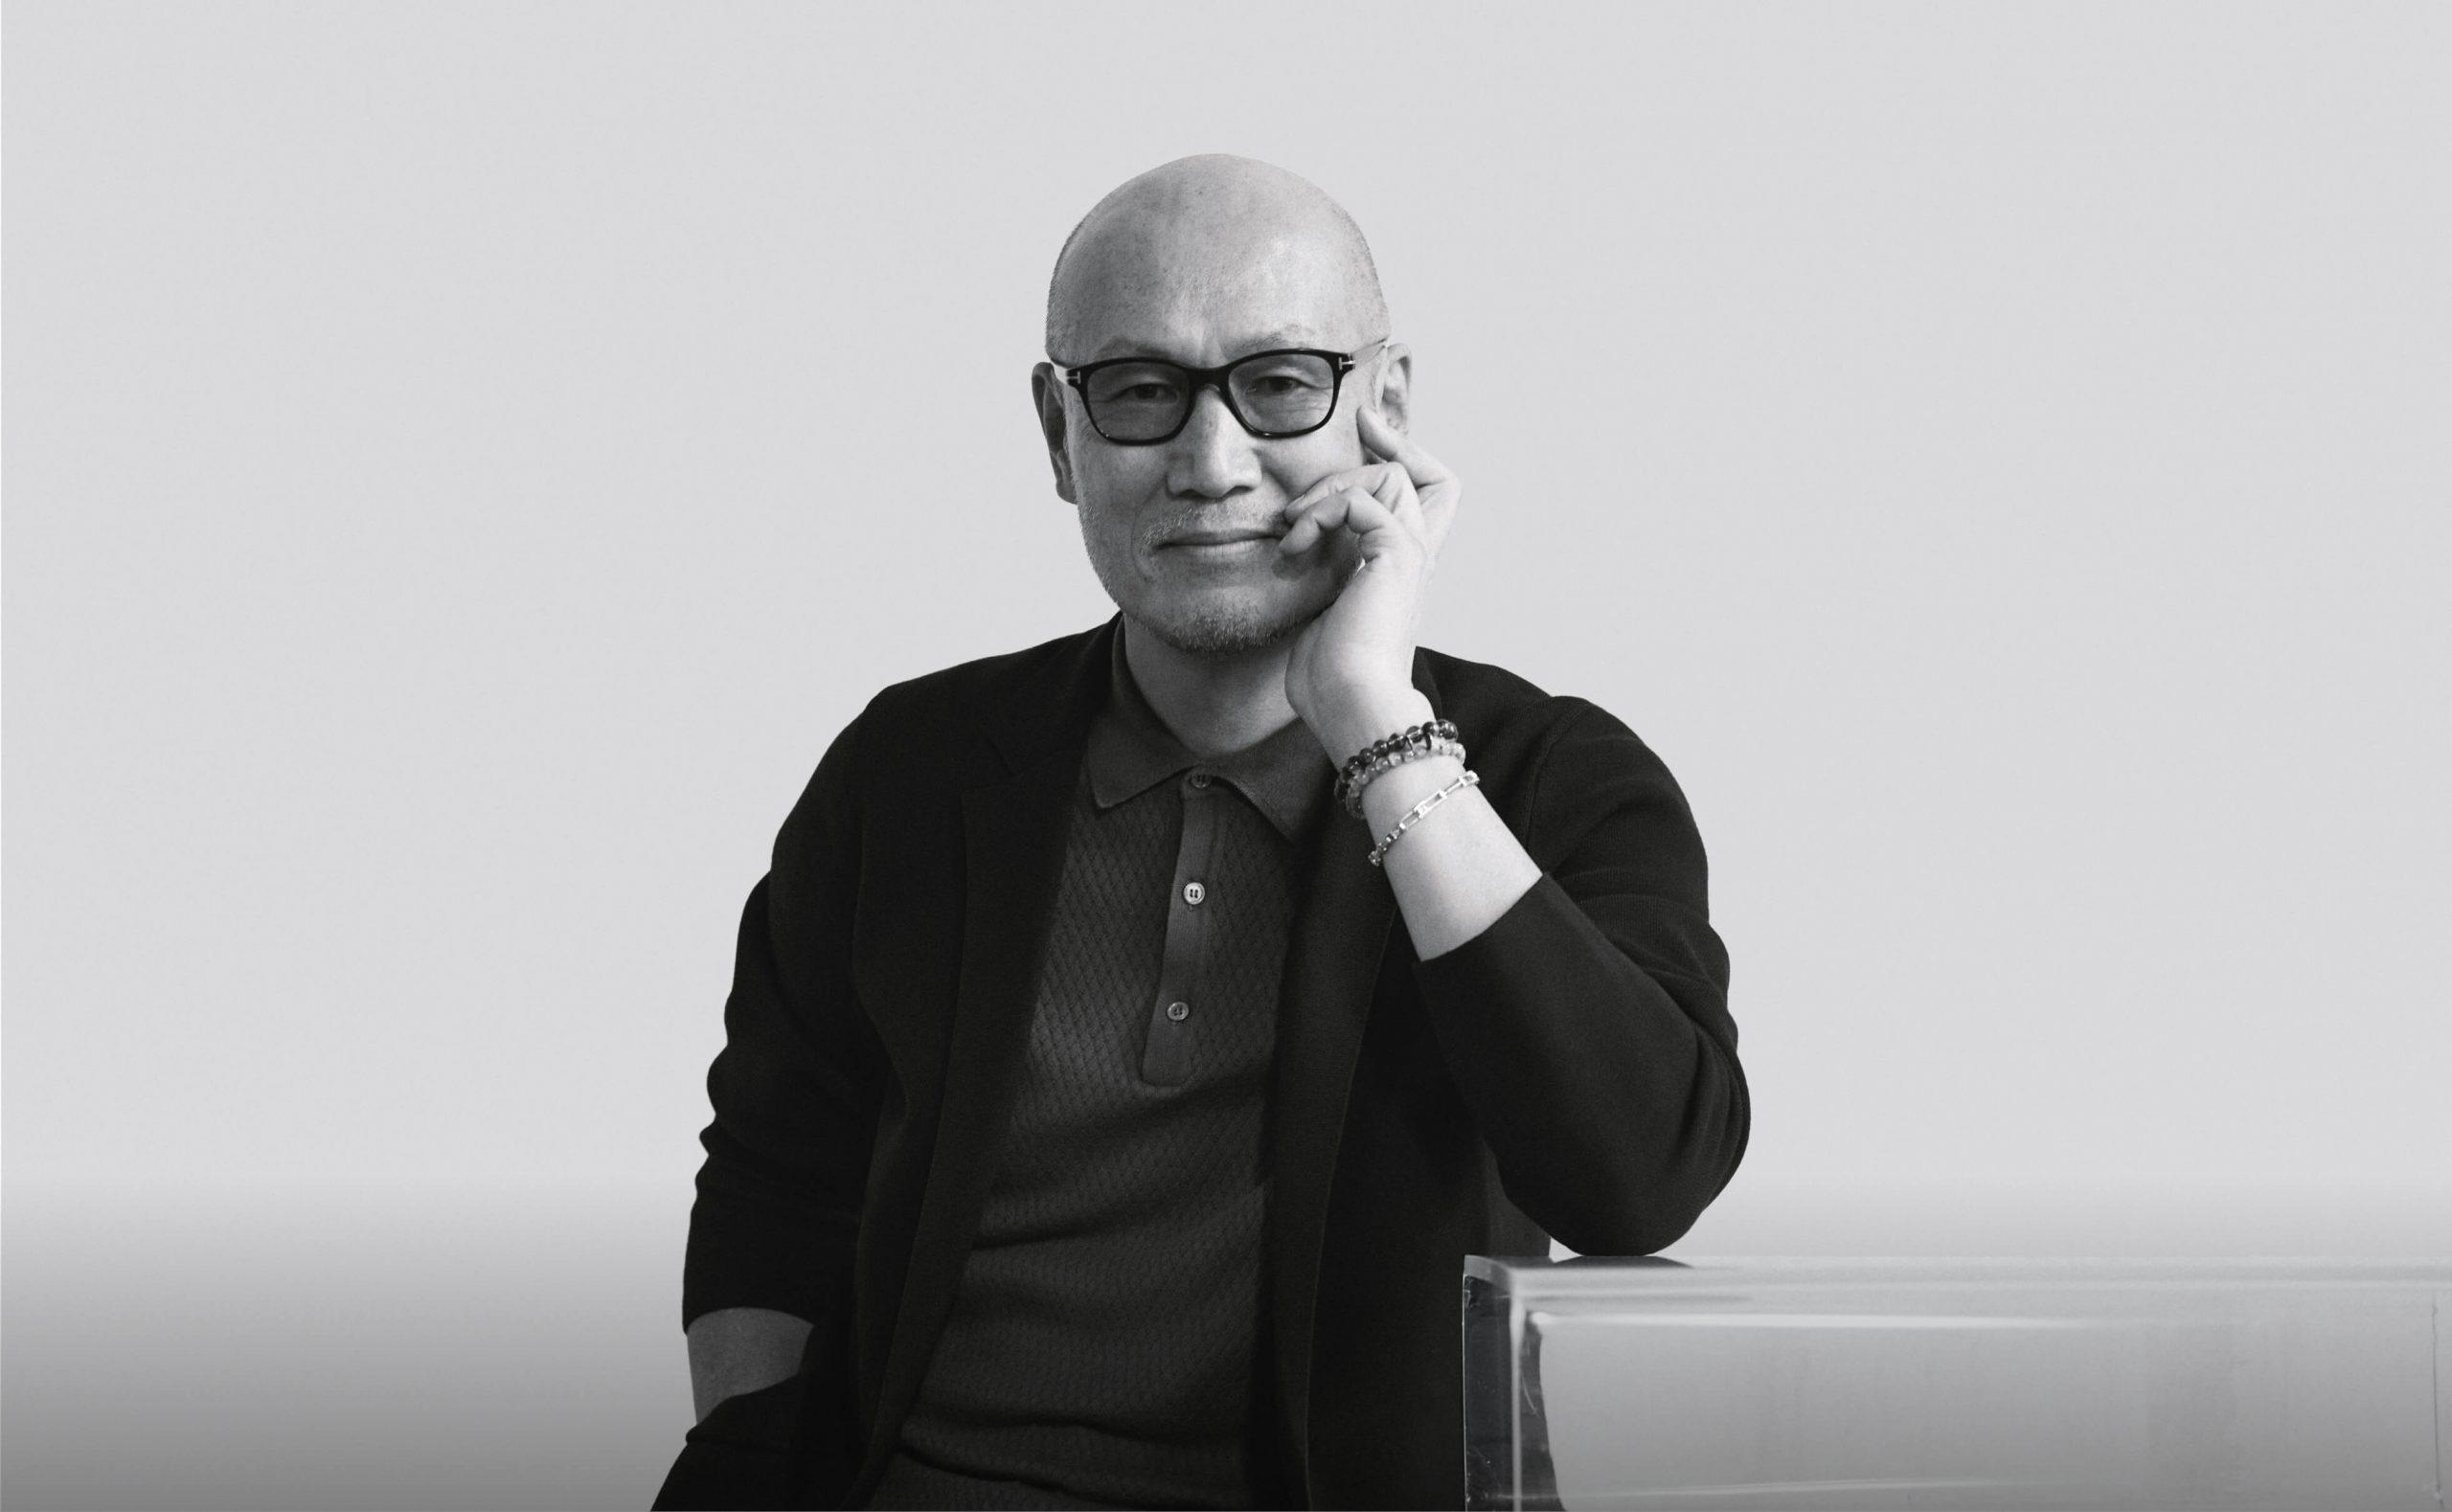 「LEAD'S INTERVIEW」 ファッションディレクター・森岡弘氏が語る、LEADを通して見えてくるビジネススタイルの未来